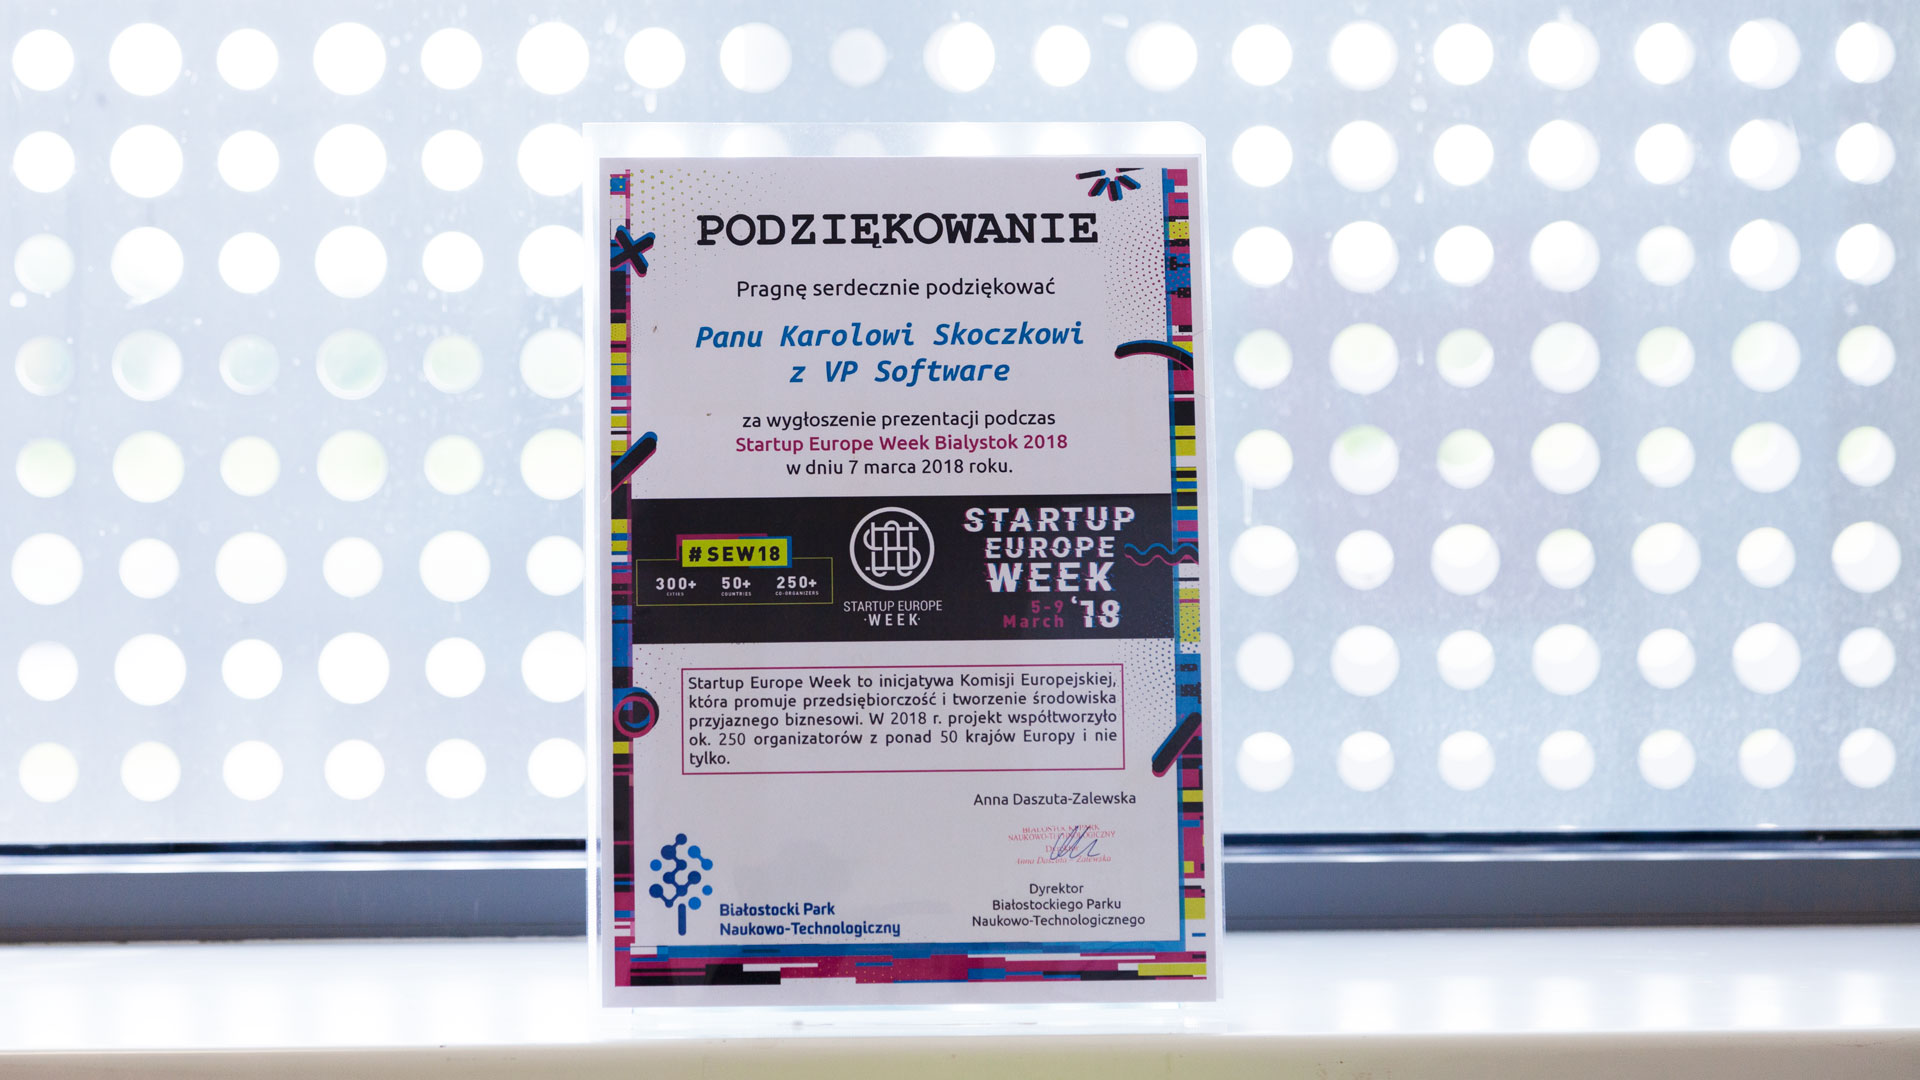 Startup Europe week, wyróżnienie, nagroda, vpsoftware